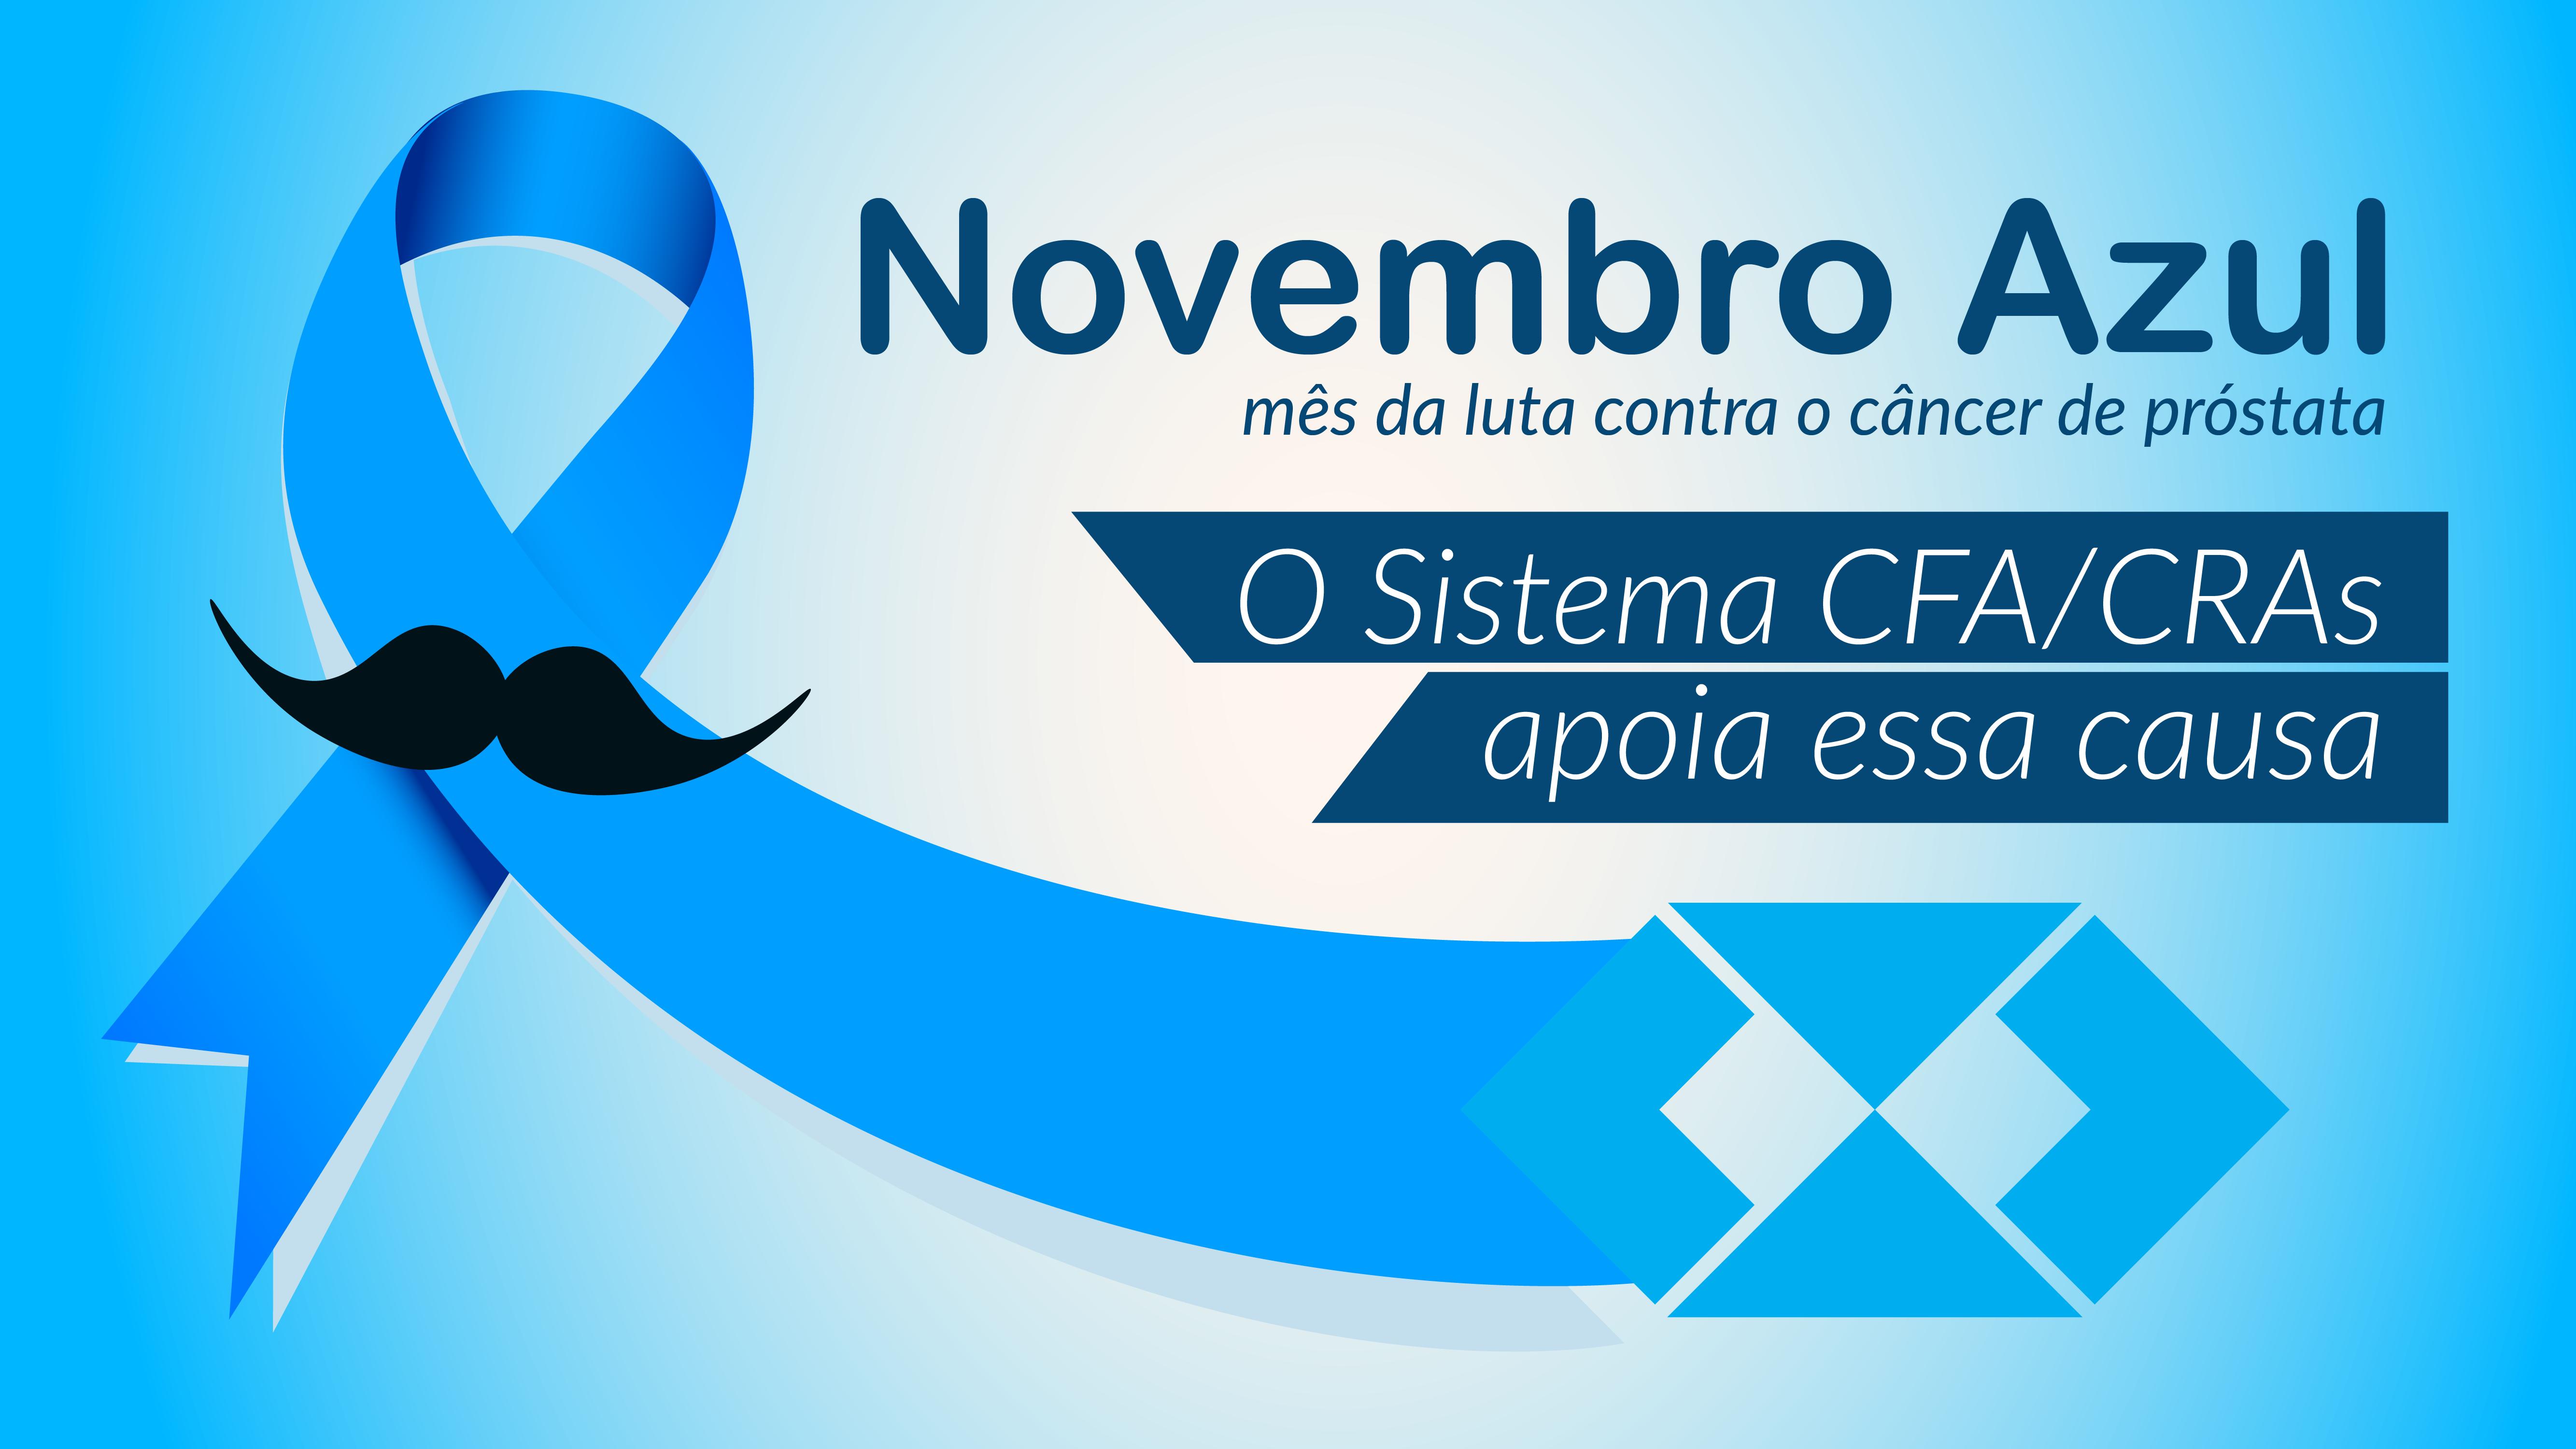 Novembro: Mês da conscientização contra o câncer de próstata